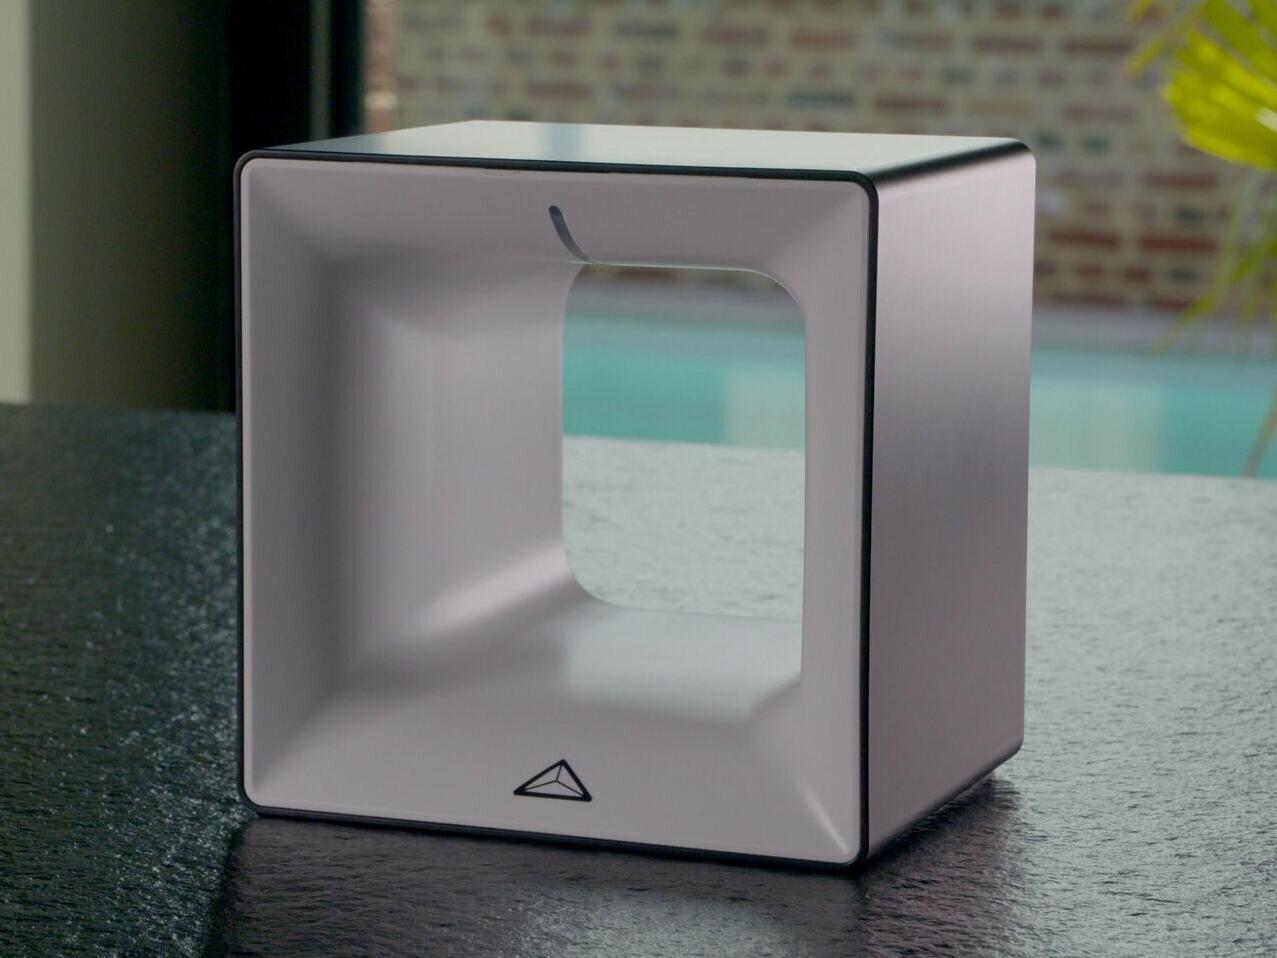 Enki : on a loué la box domotique de Leroy Merlin pour 1 euro par mois, avec un bouton connecté